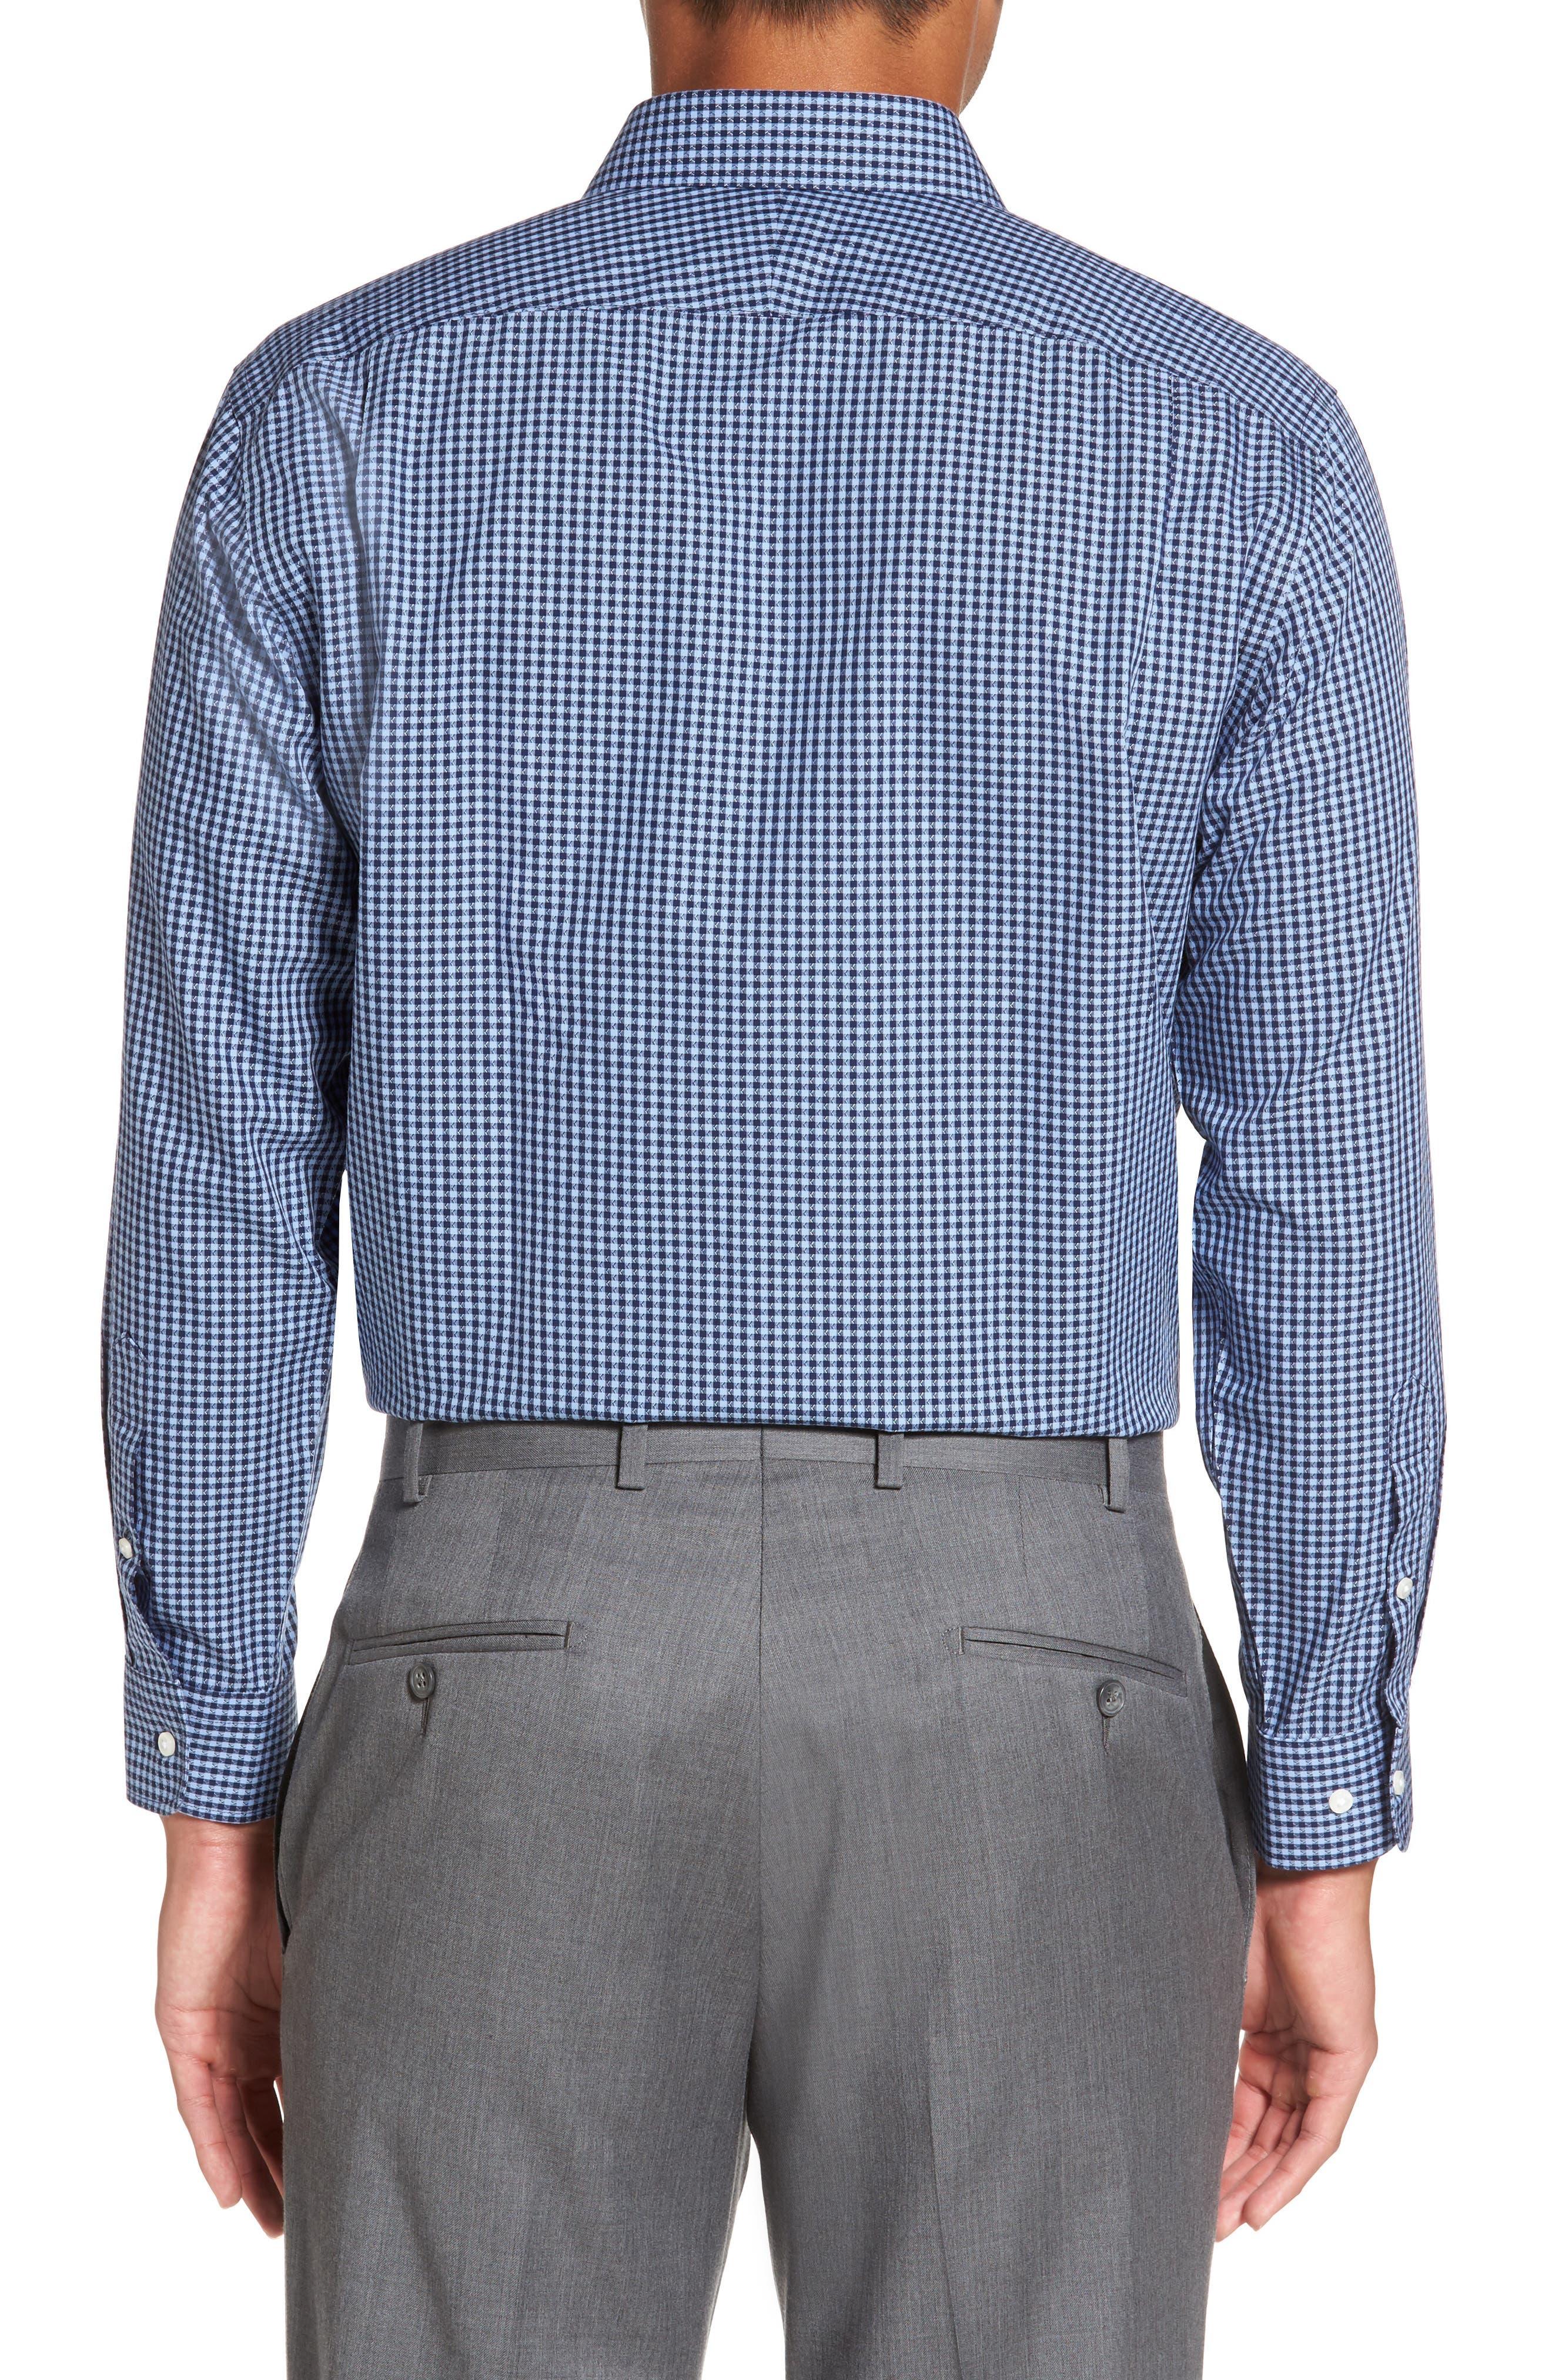 Smartcare<sup>™</sup> Trim Fit Check Dress Shirt,                             Alternate thumbnail 2, color,